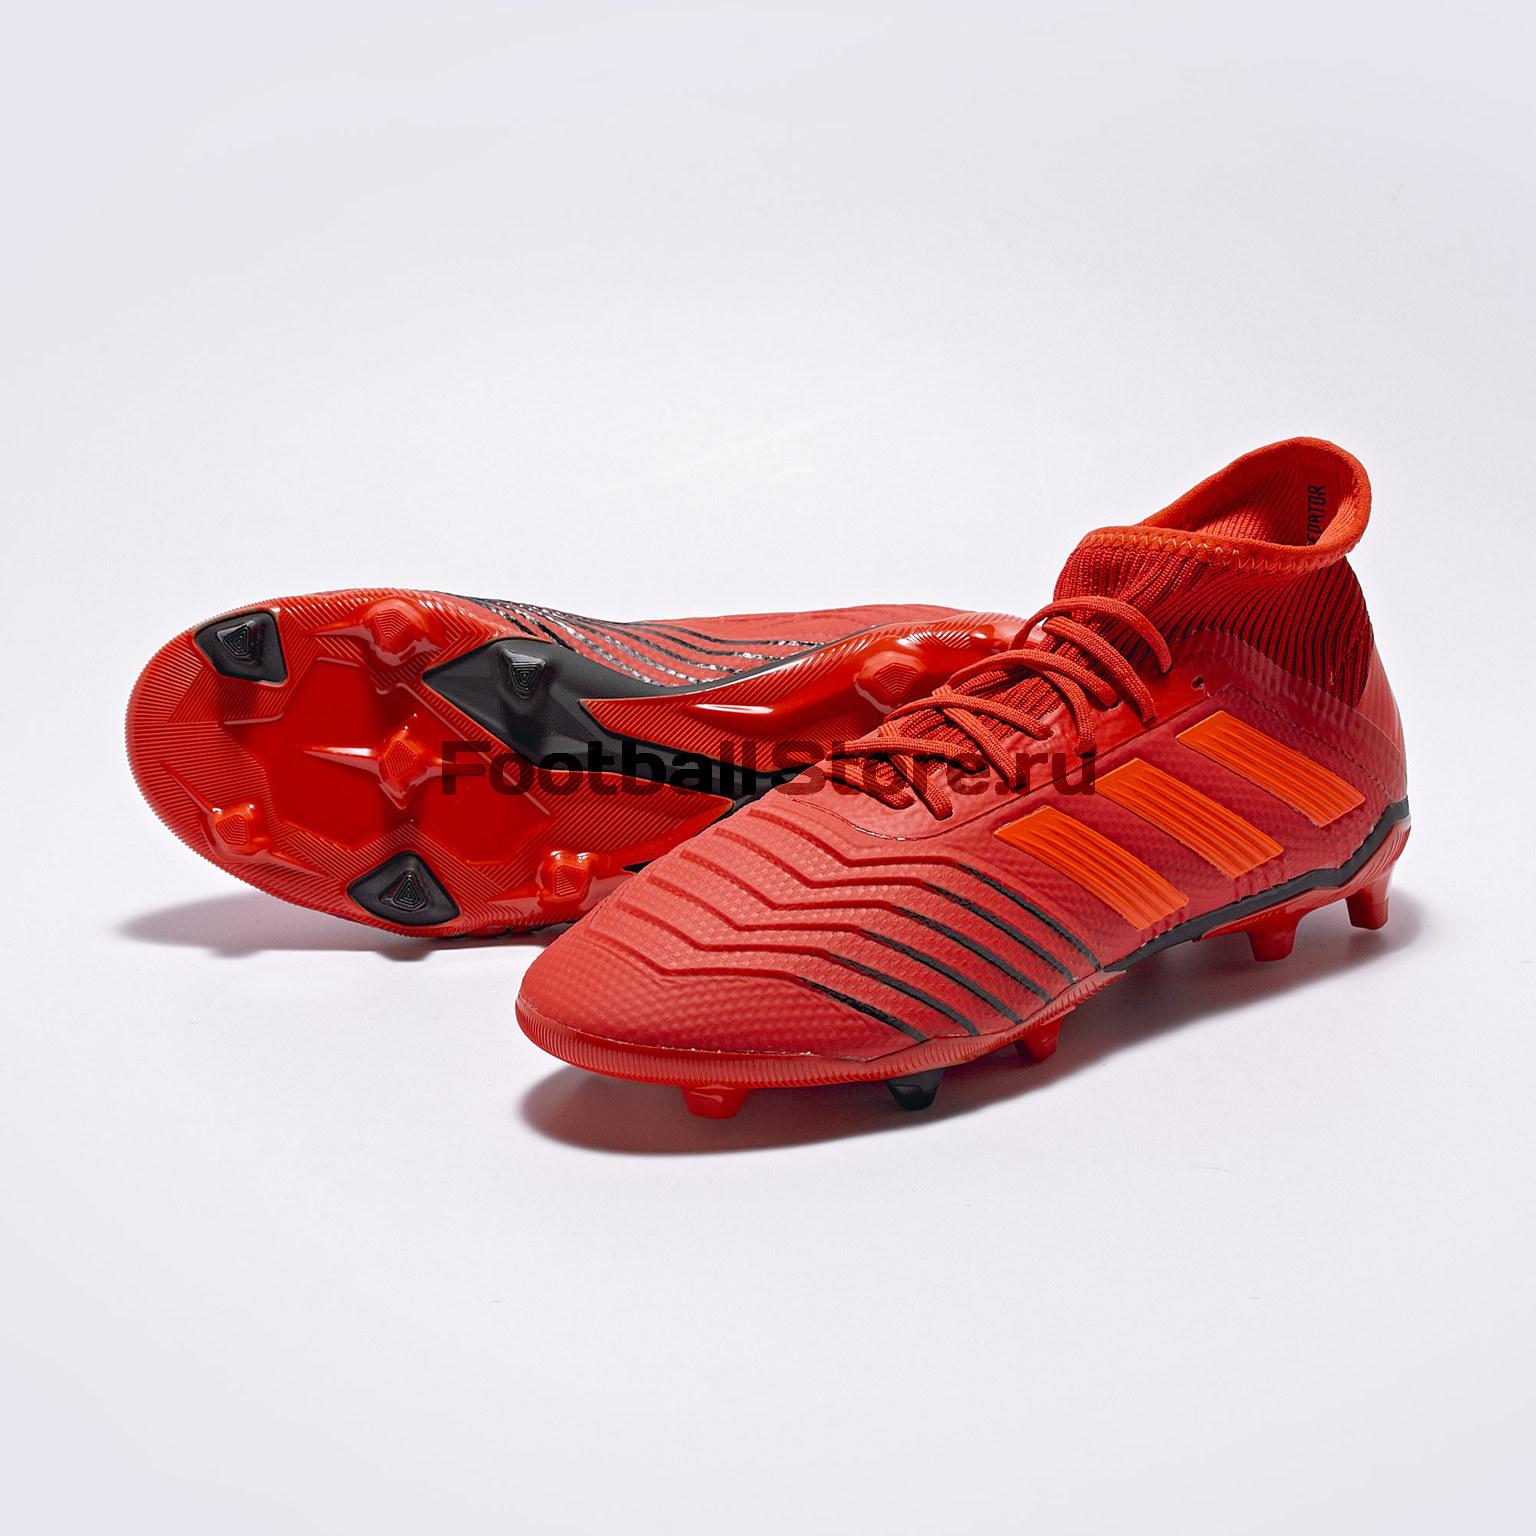 Бутсы детские Adidas Predator 19.1 FG CM8529 цена